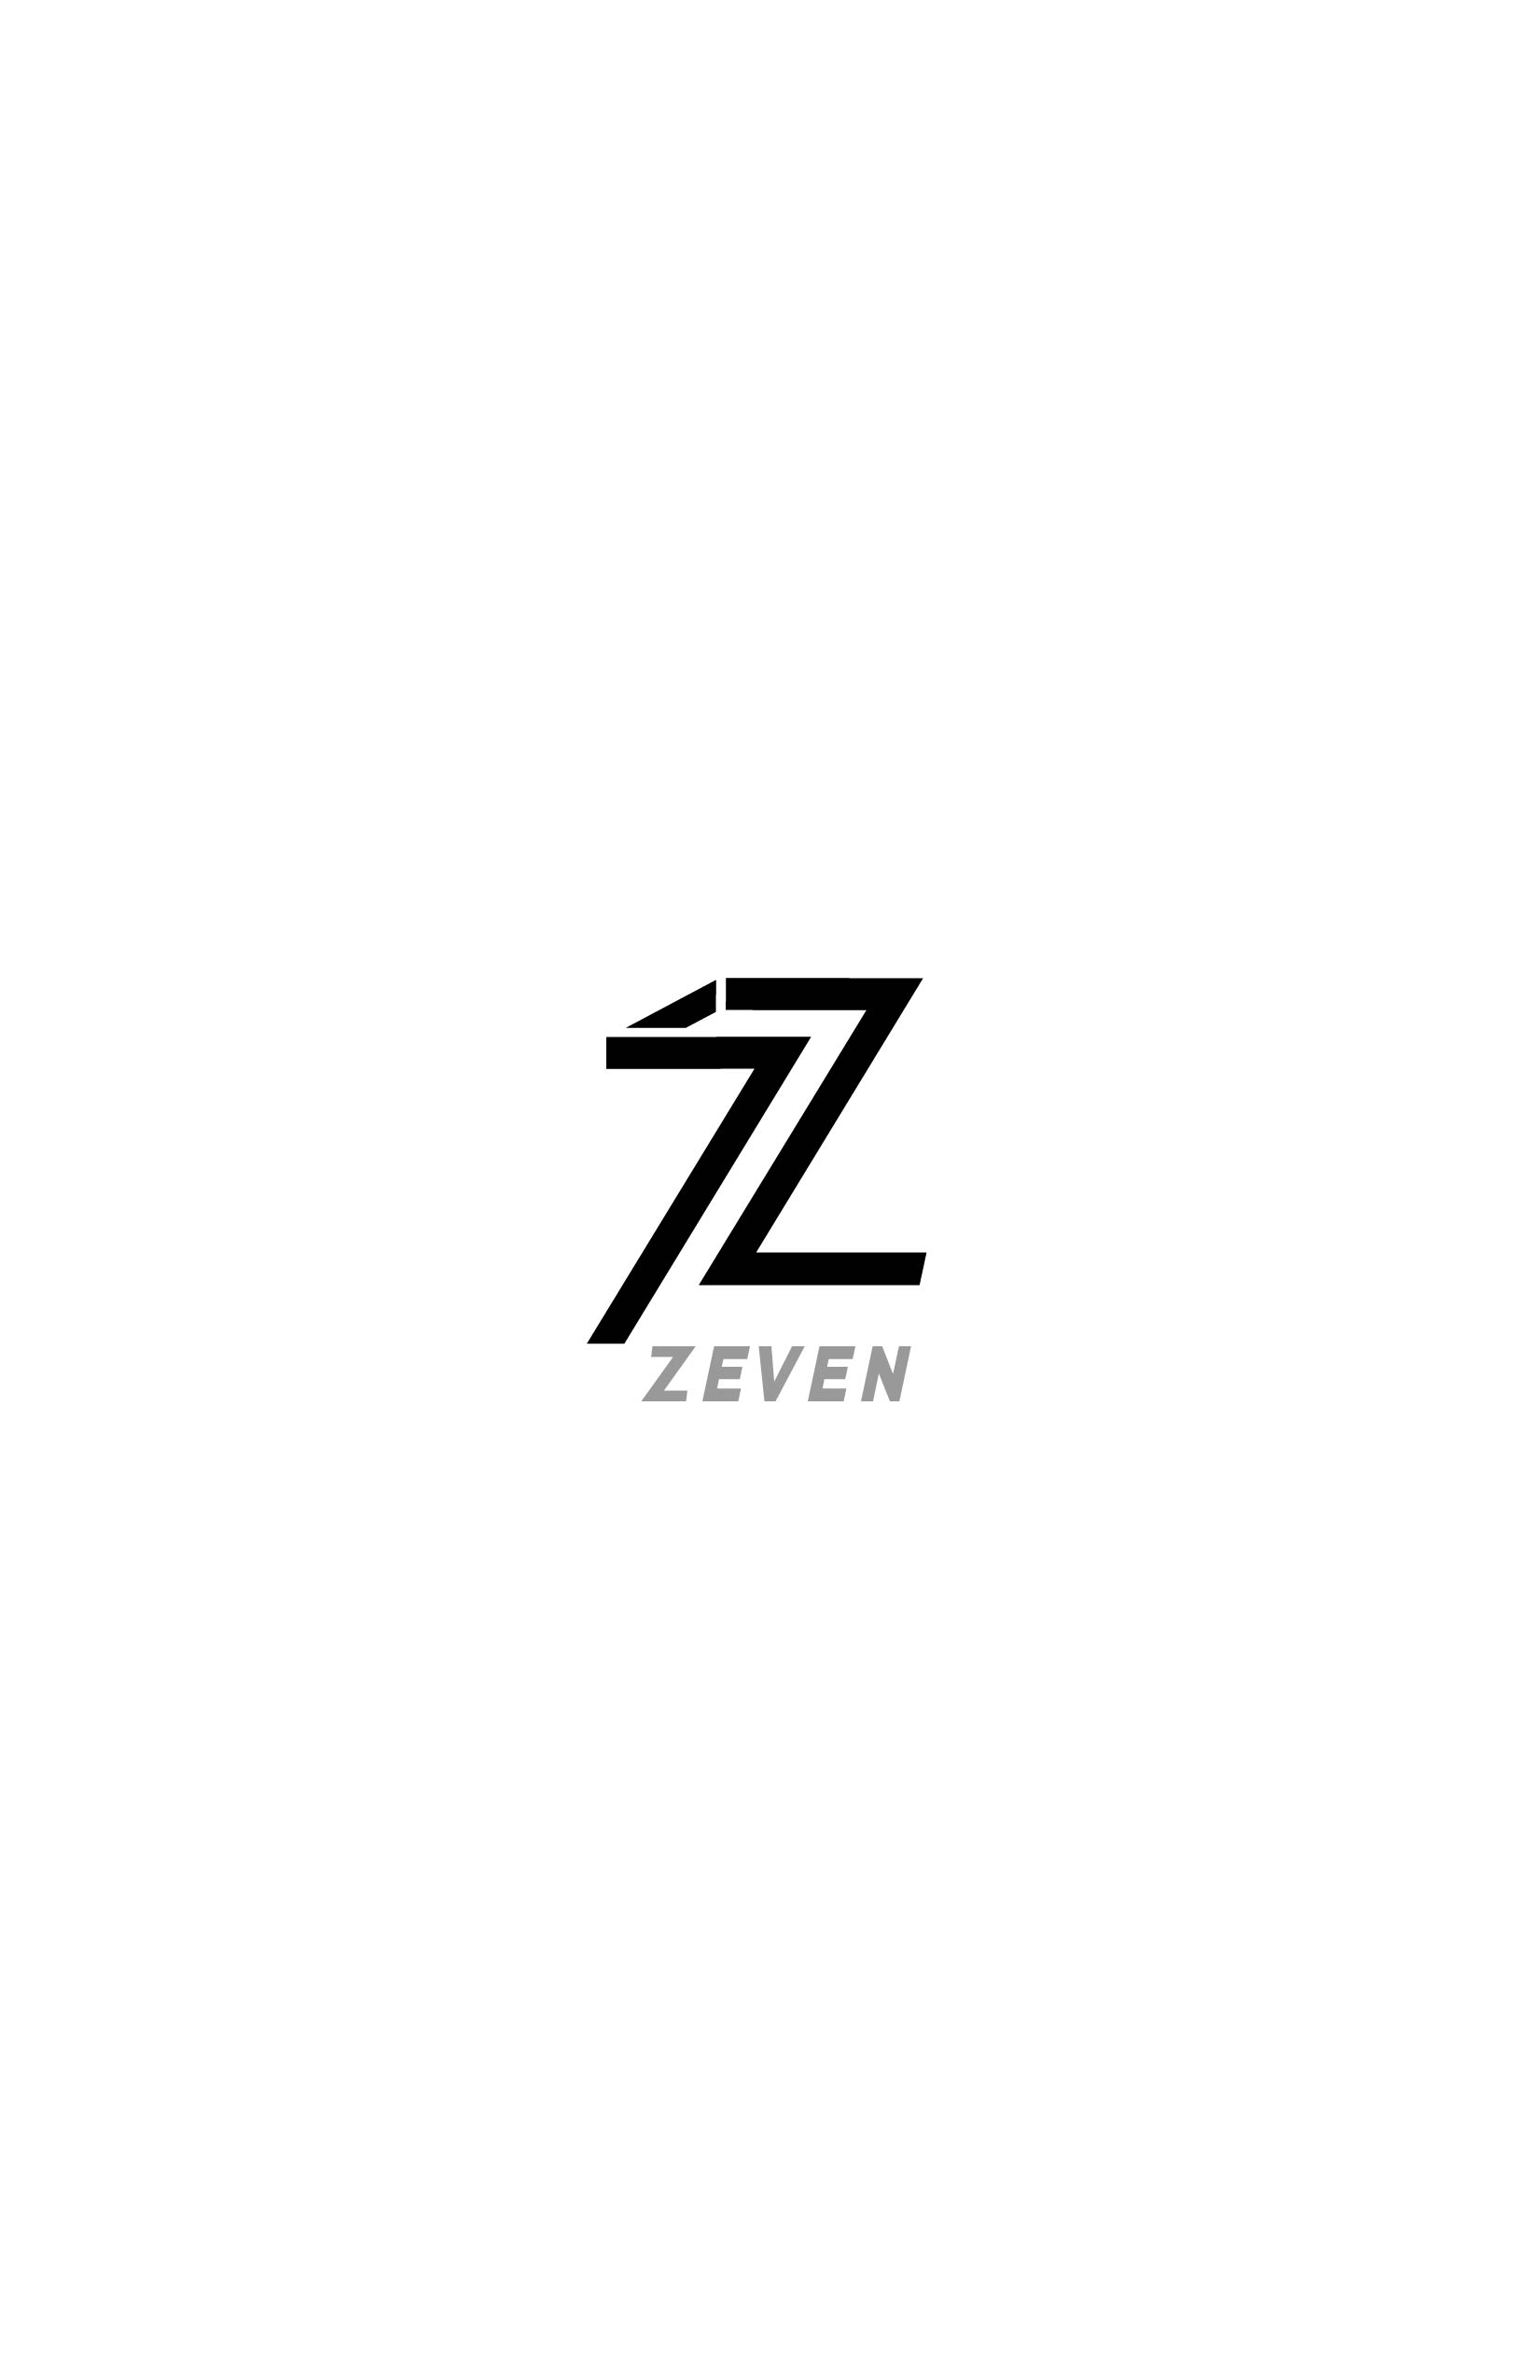 zeven logo-05